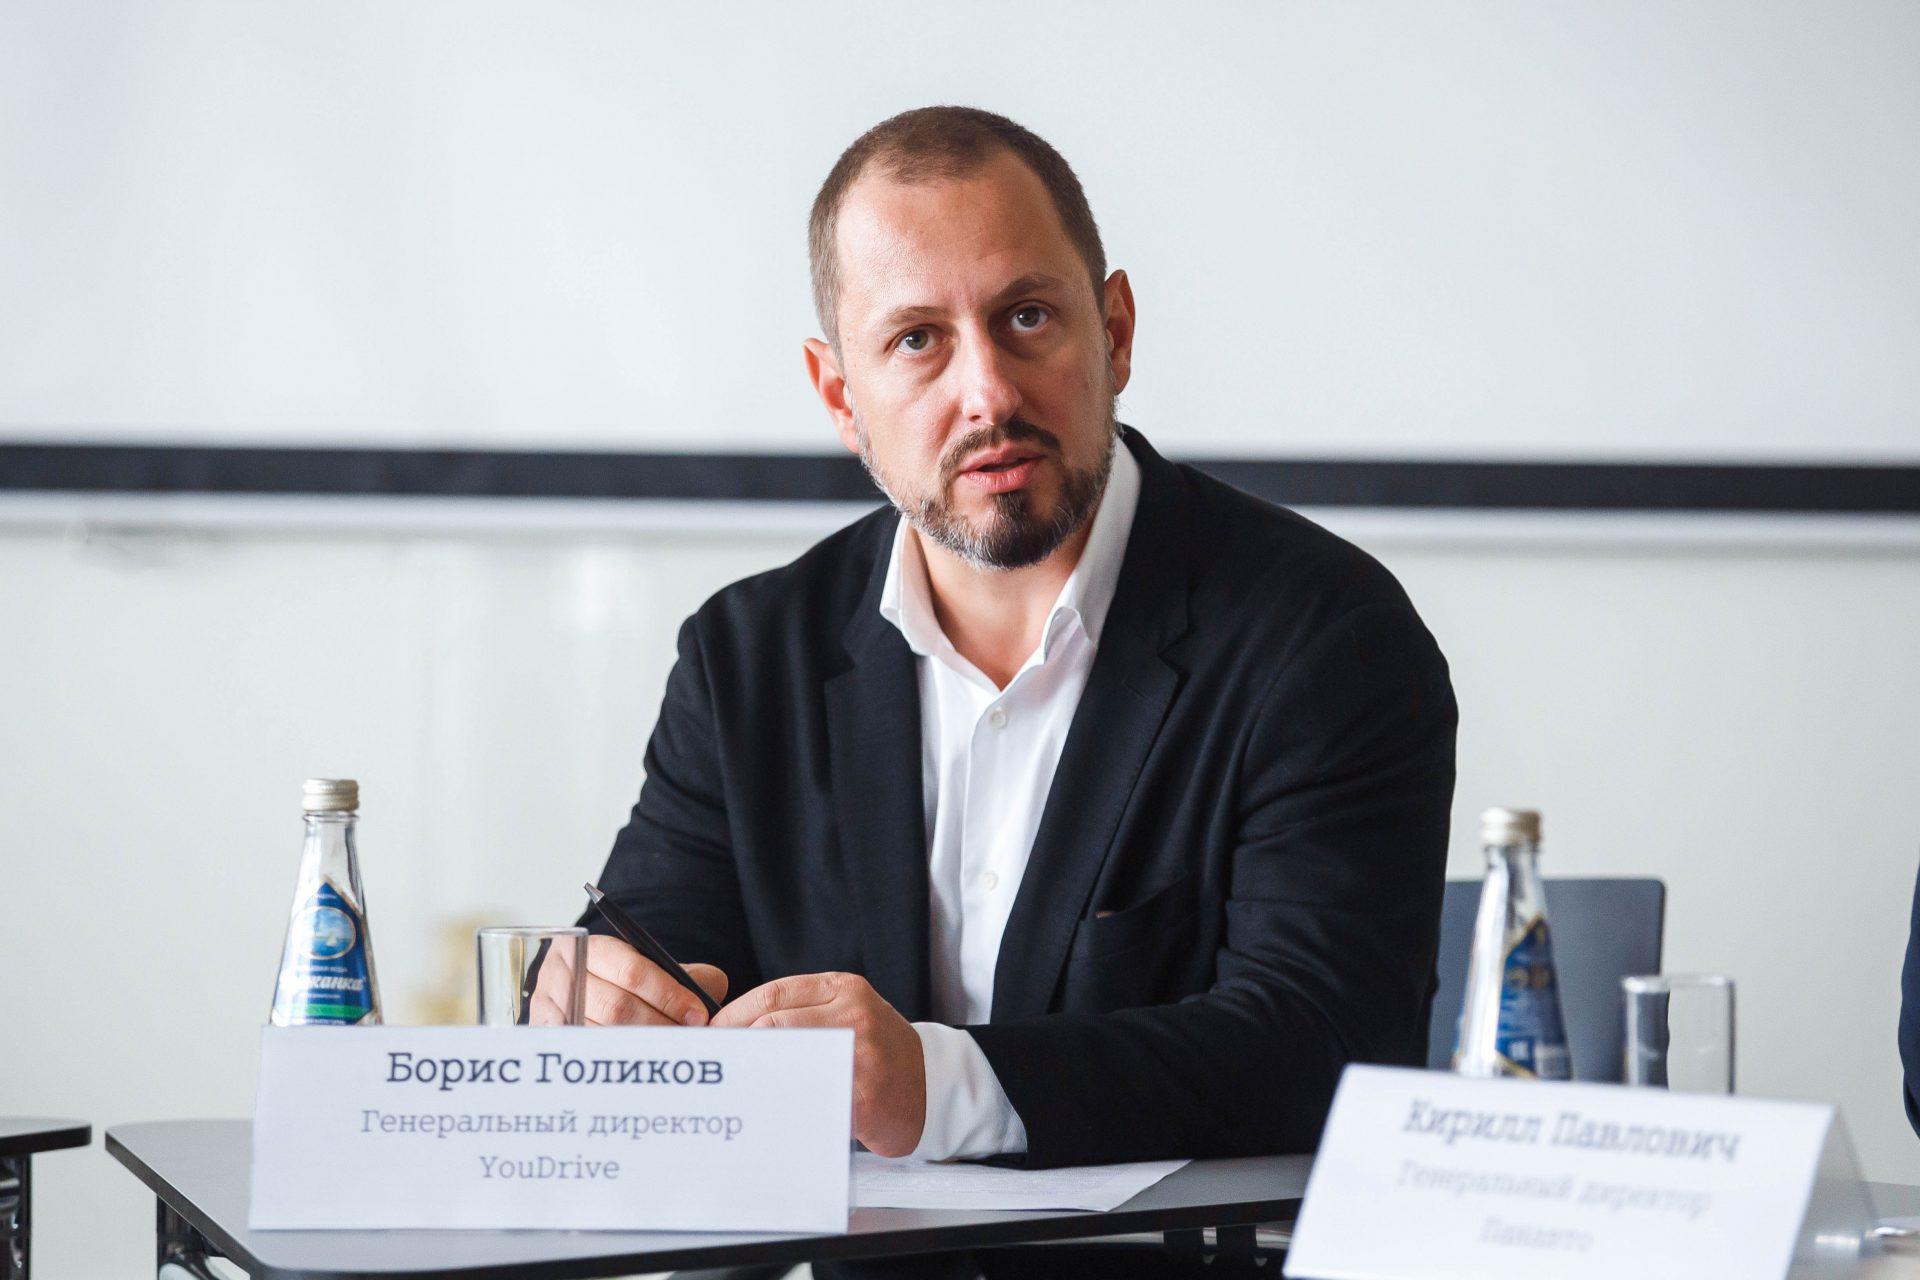 Борис Голиков, Генеральный директор YouDrive